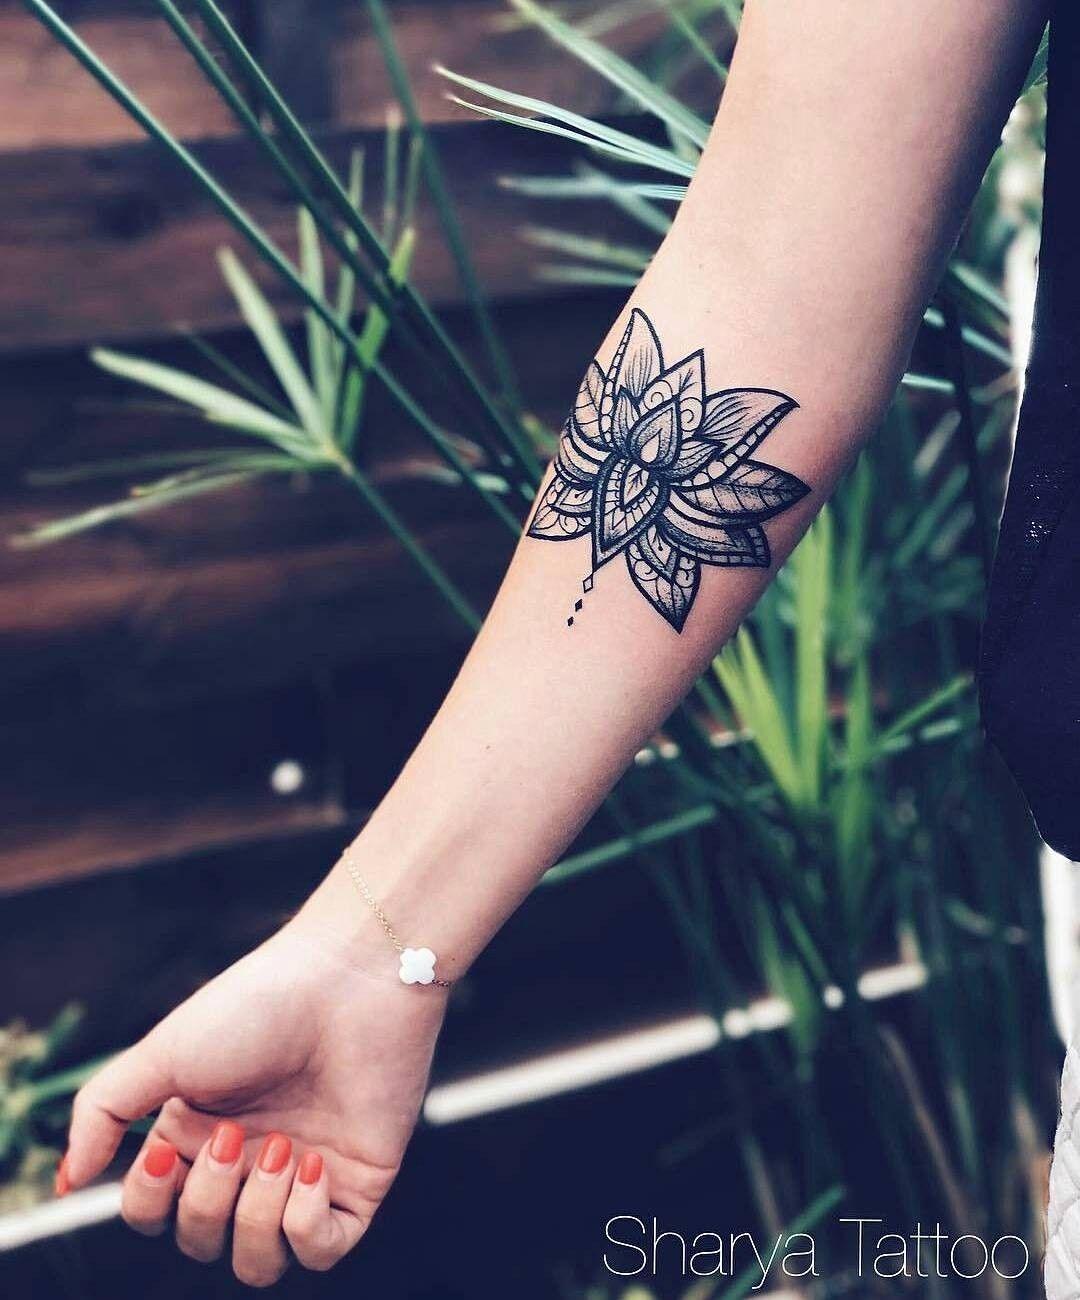 Lotus flower sharya tattoo tattoos 3 pinterest lotus flower lotus flower sharya tattoo izmirmasajfo